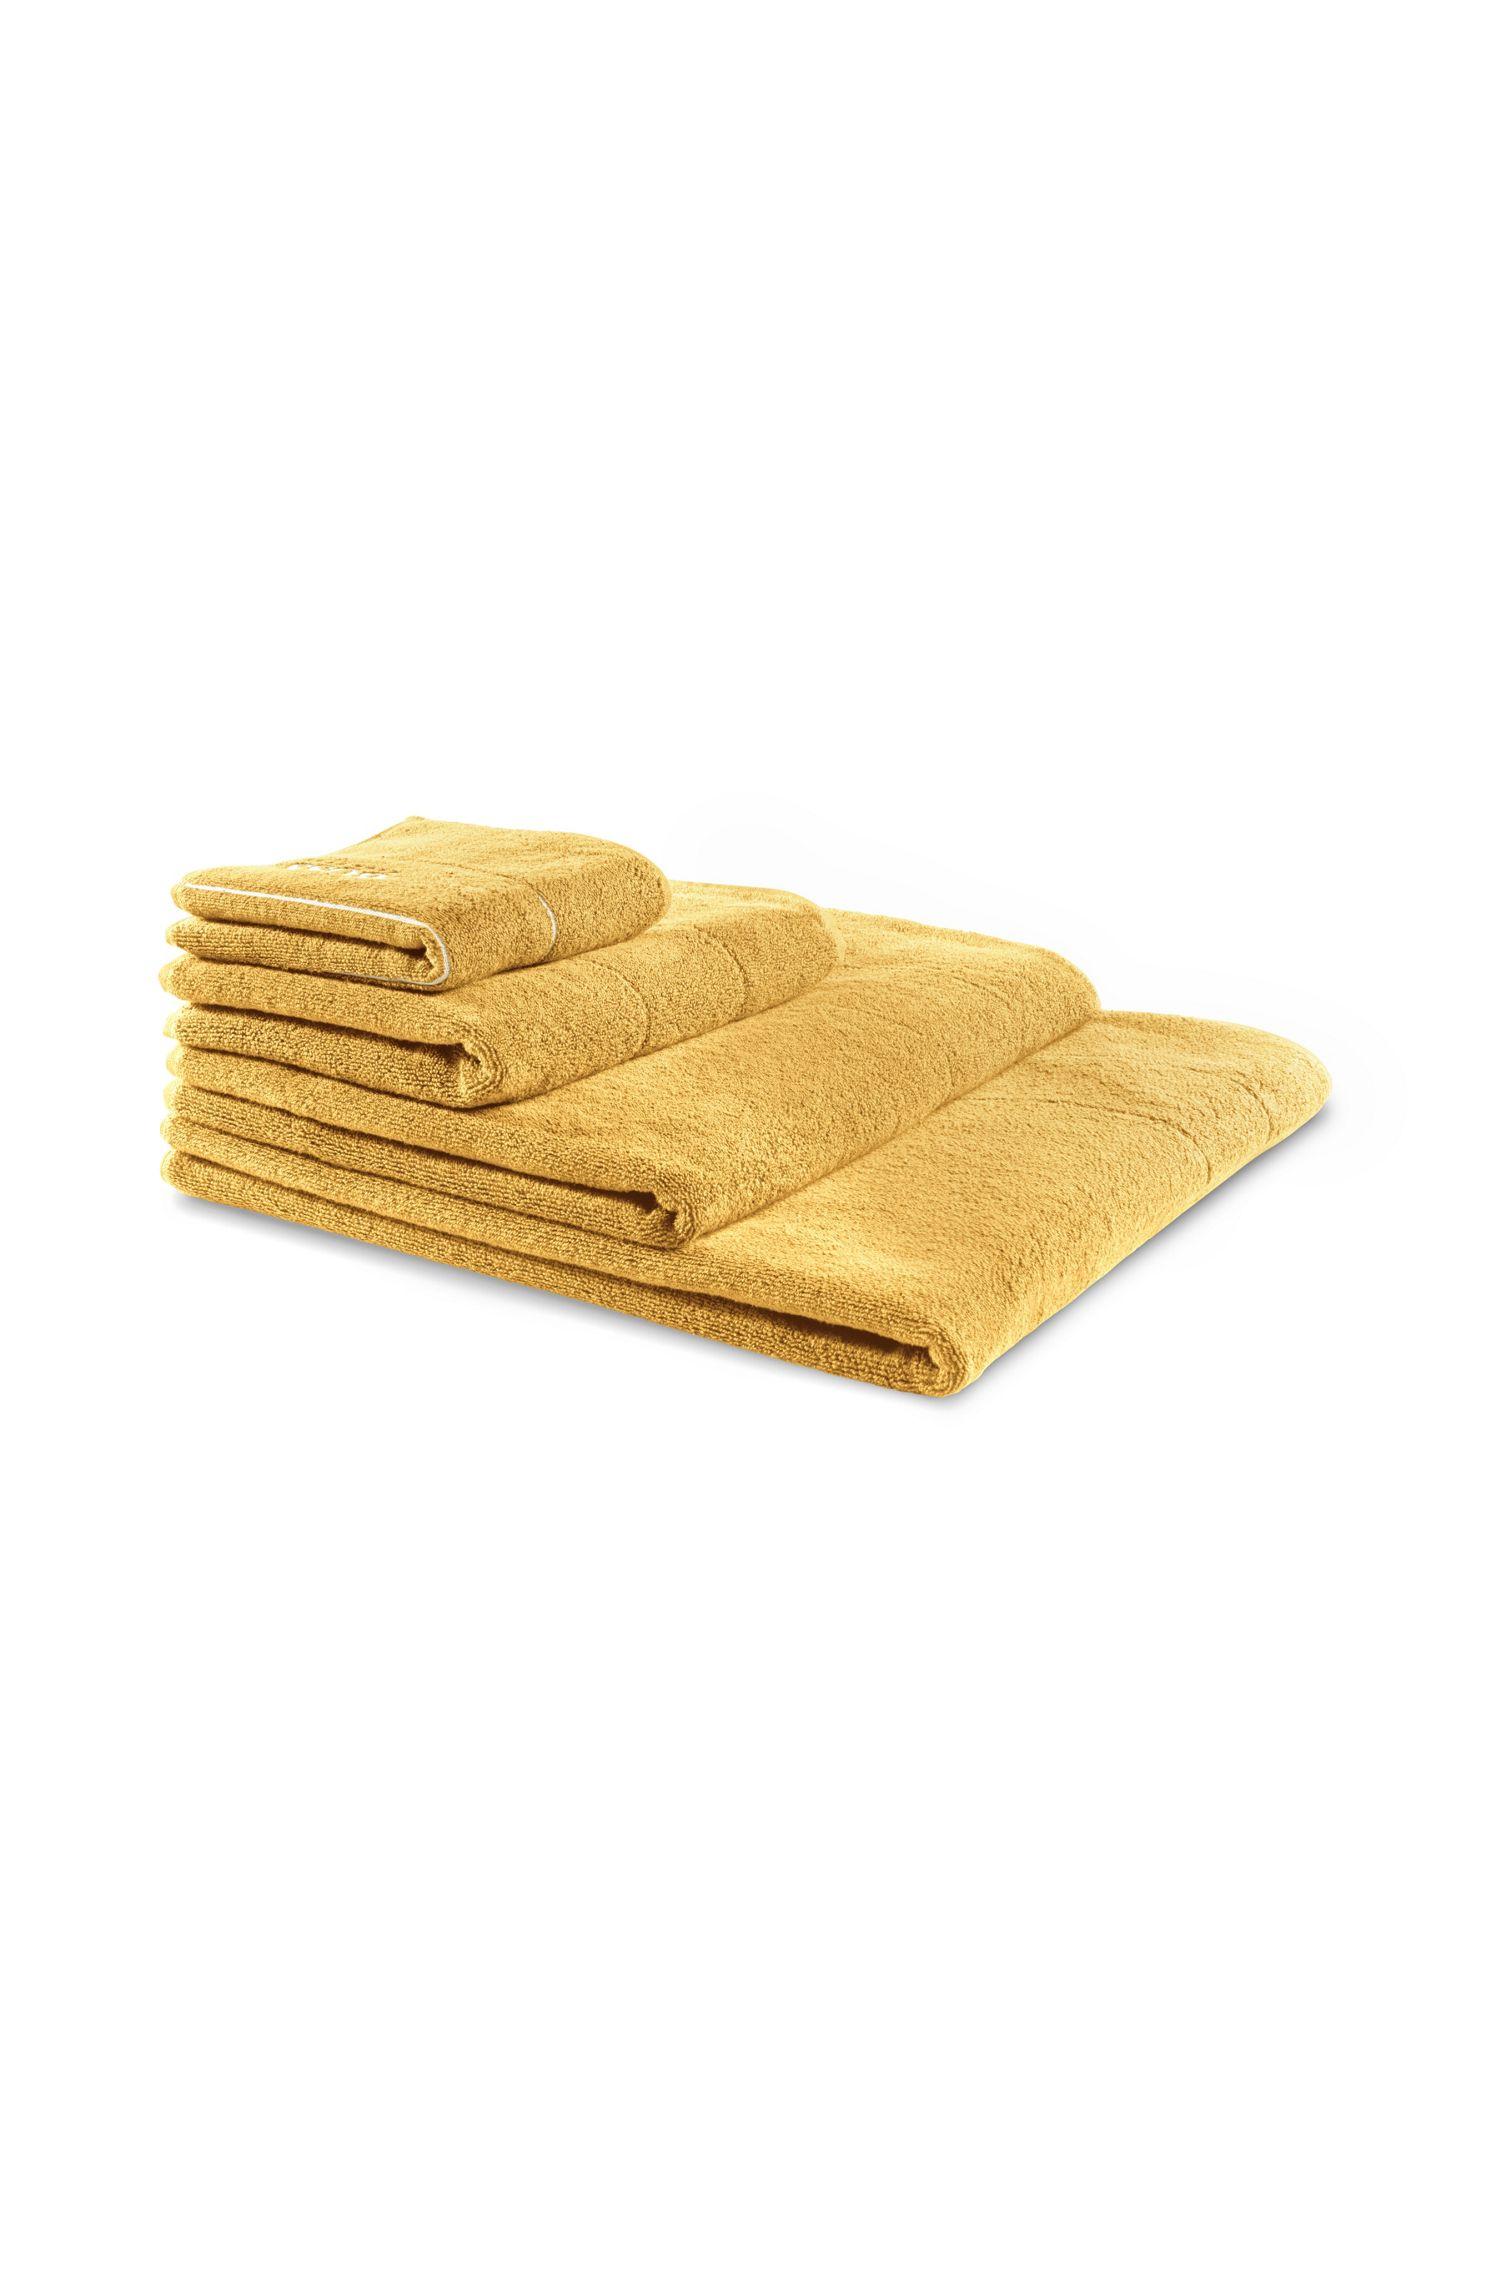 Tappetino da bagno in raffinato cotone egiziano con bordo griffato